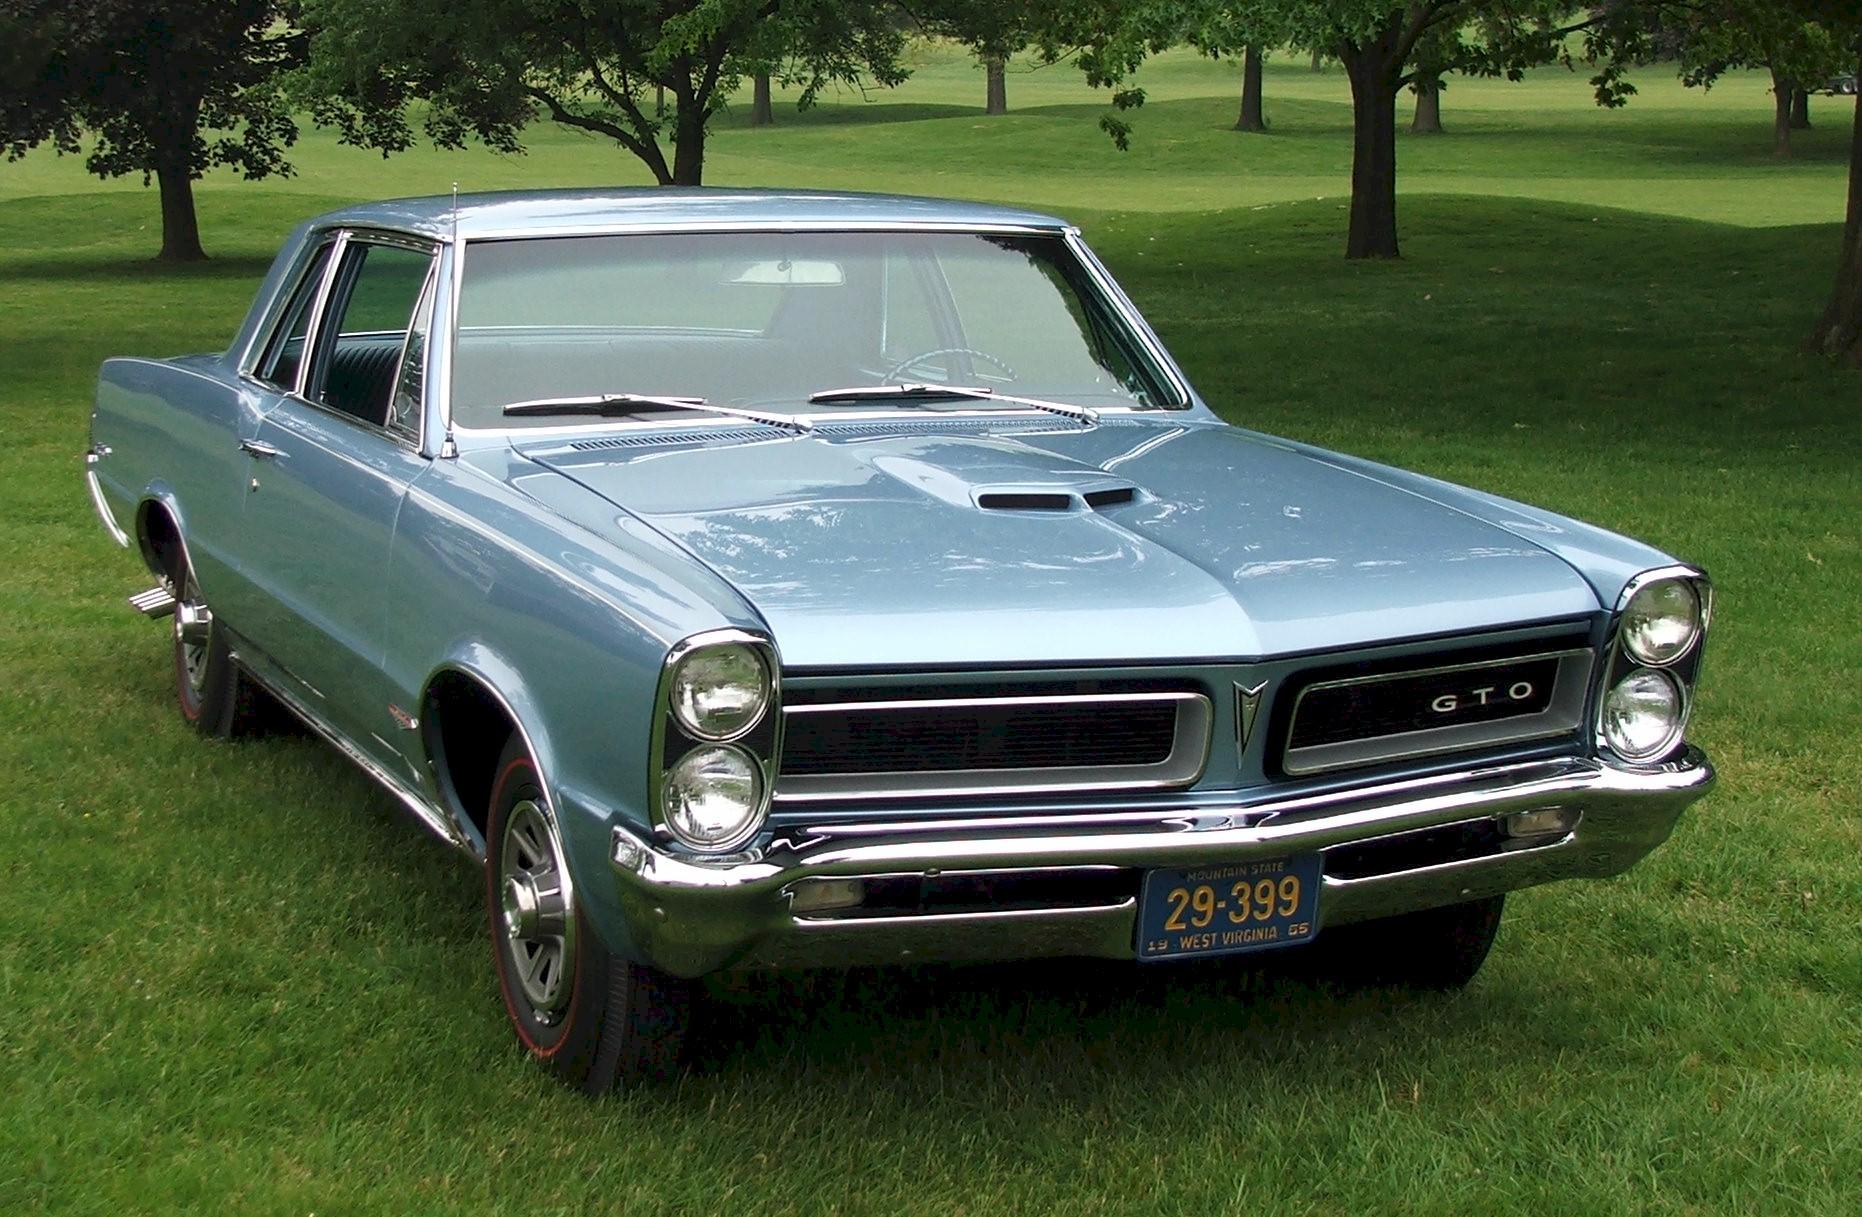 Fred Wrenn's 1965 GTO